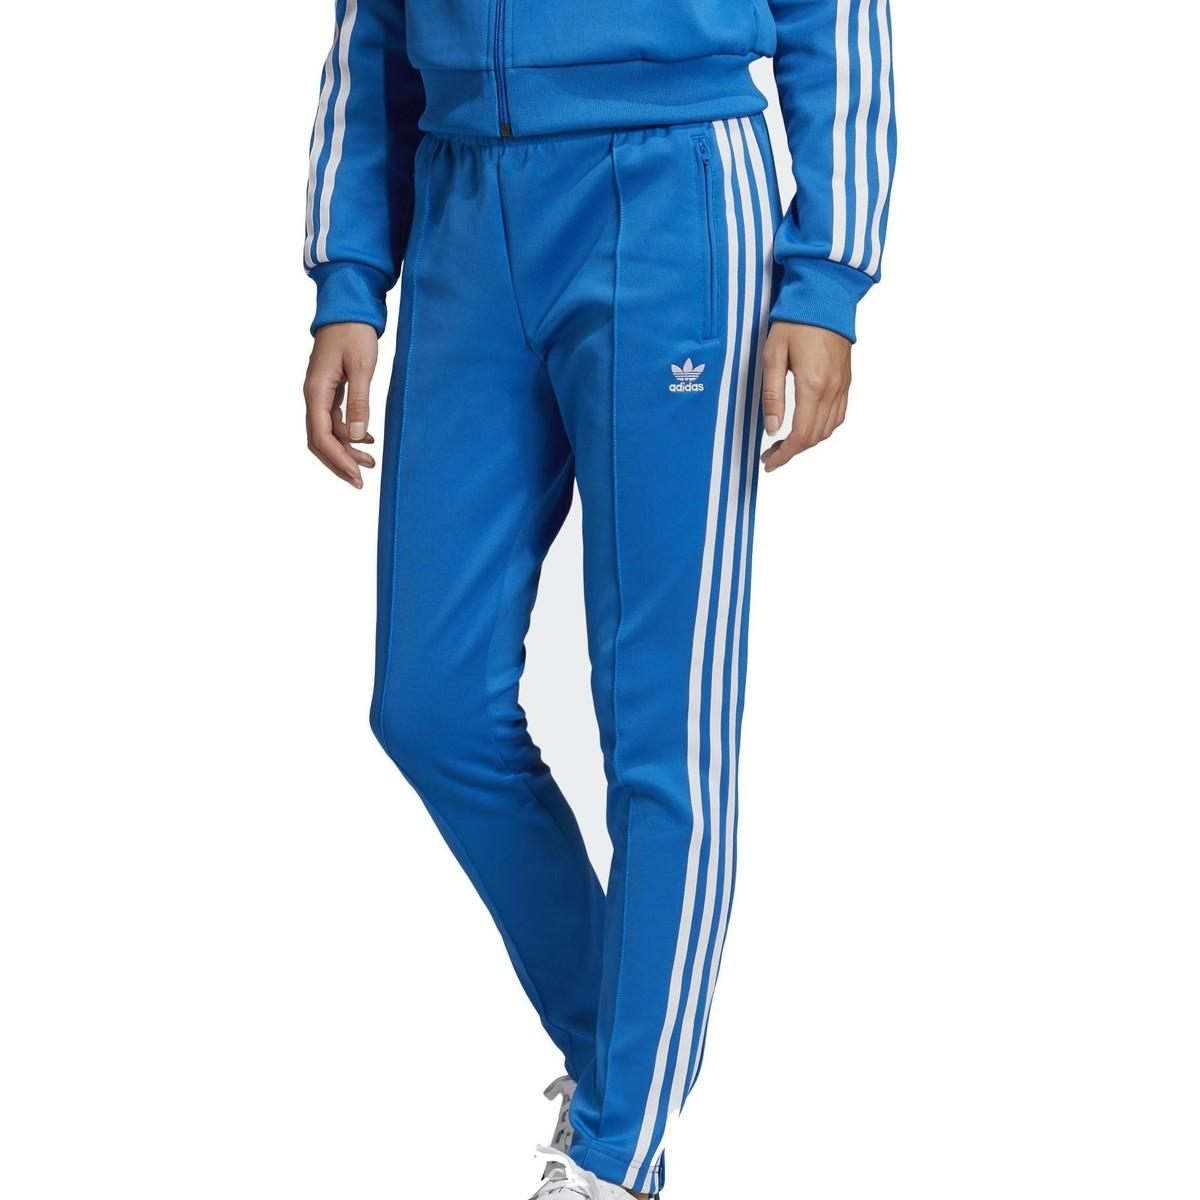 ensemble adidas bleu femme